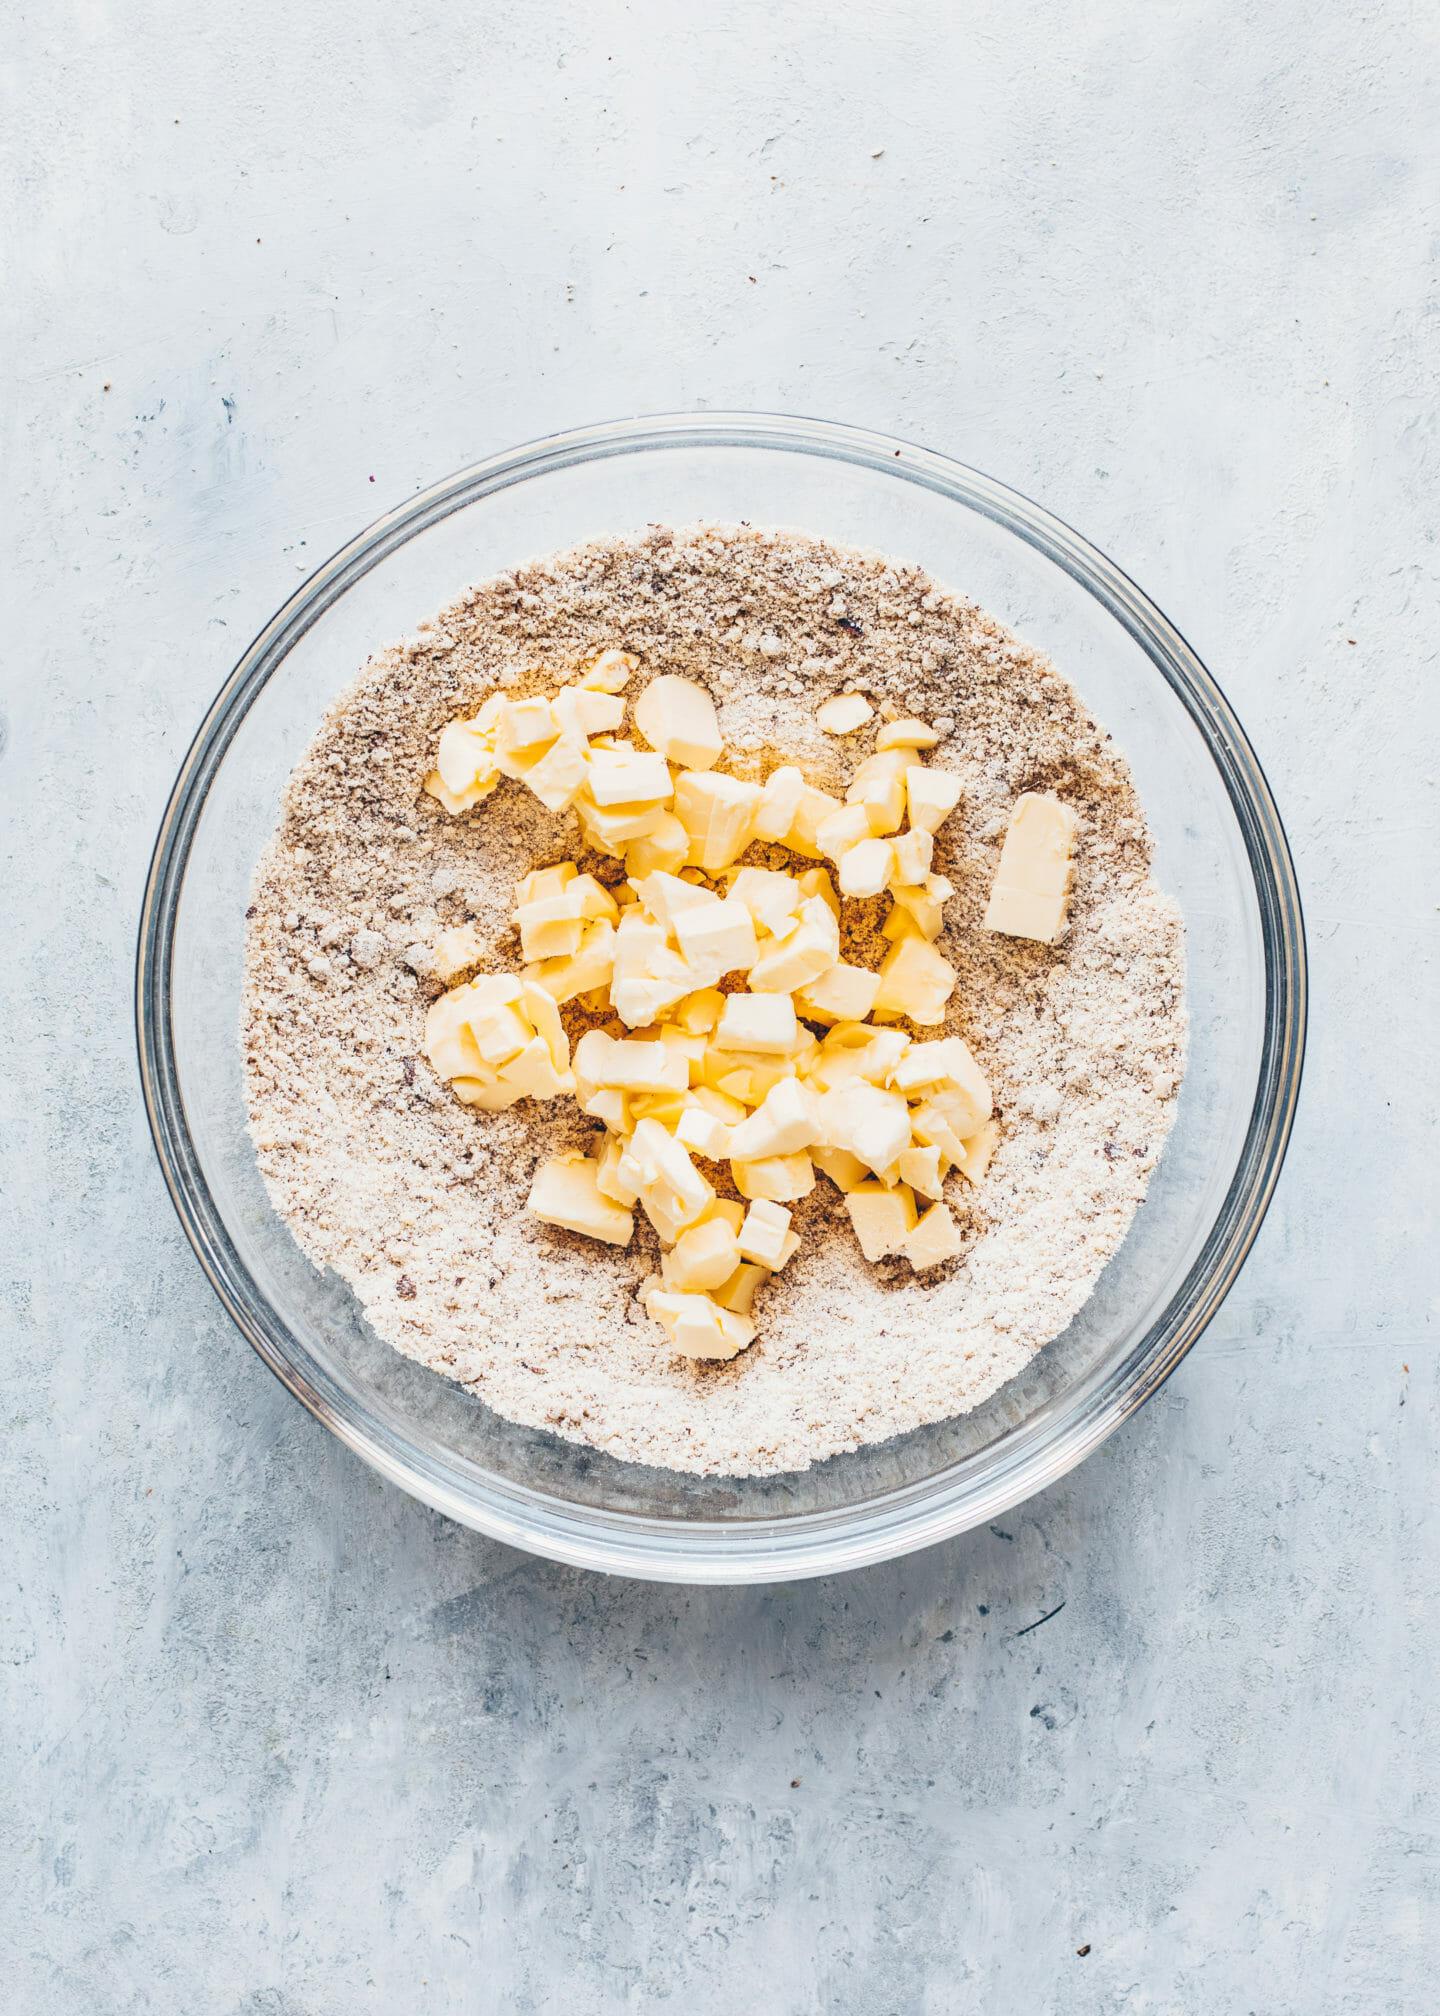 Mehl, gemahlene Haselnüsse, Kokosnusszucker, eine Prise Salz und Butter-Würfel in einer Schüssel für Haselnuss-Mürbeteig